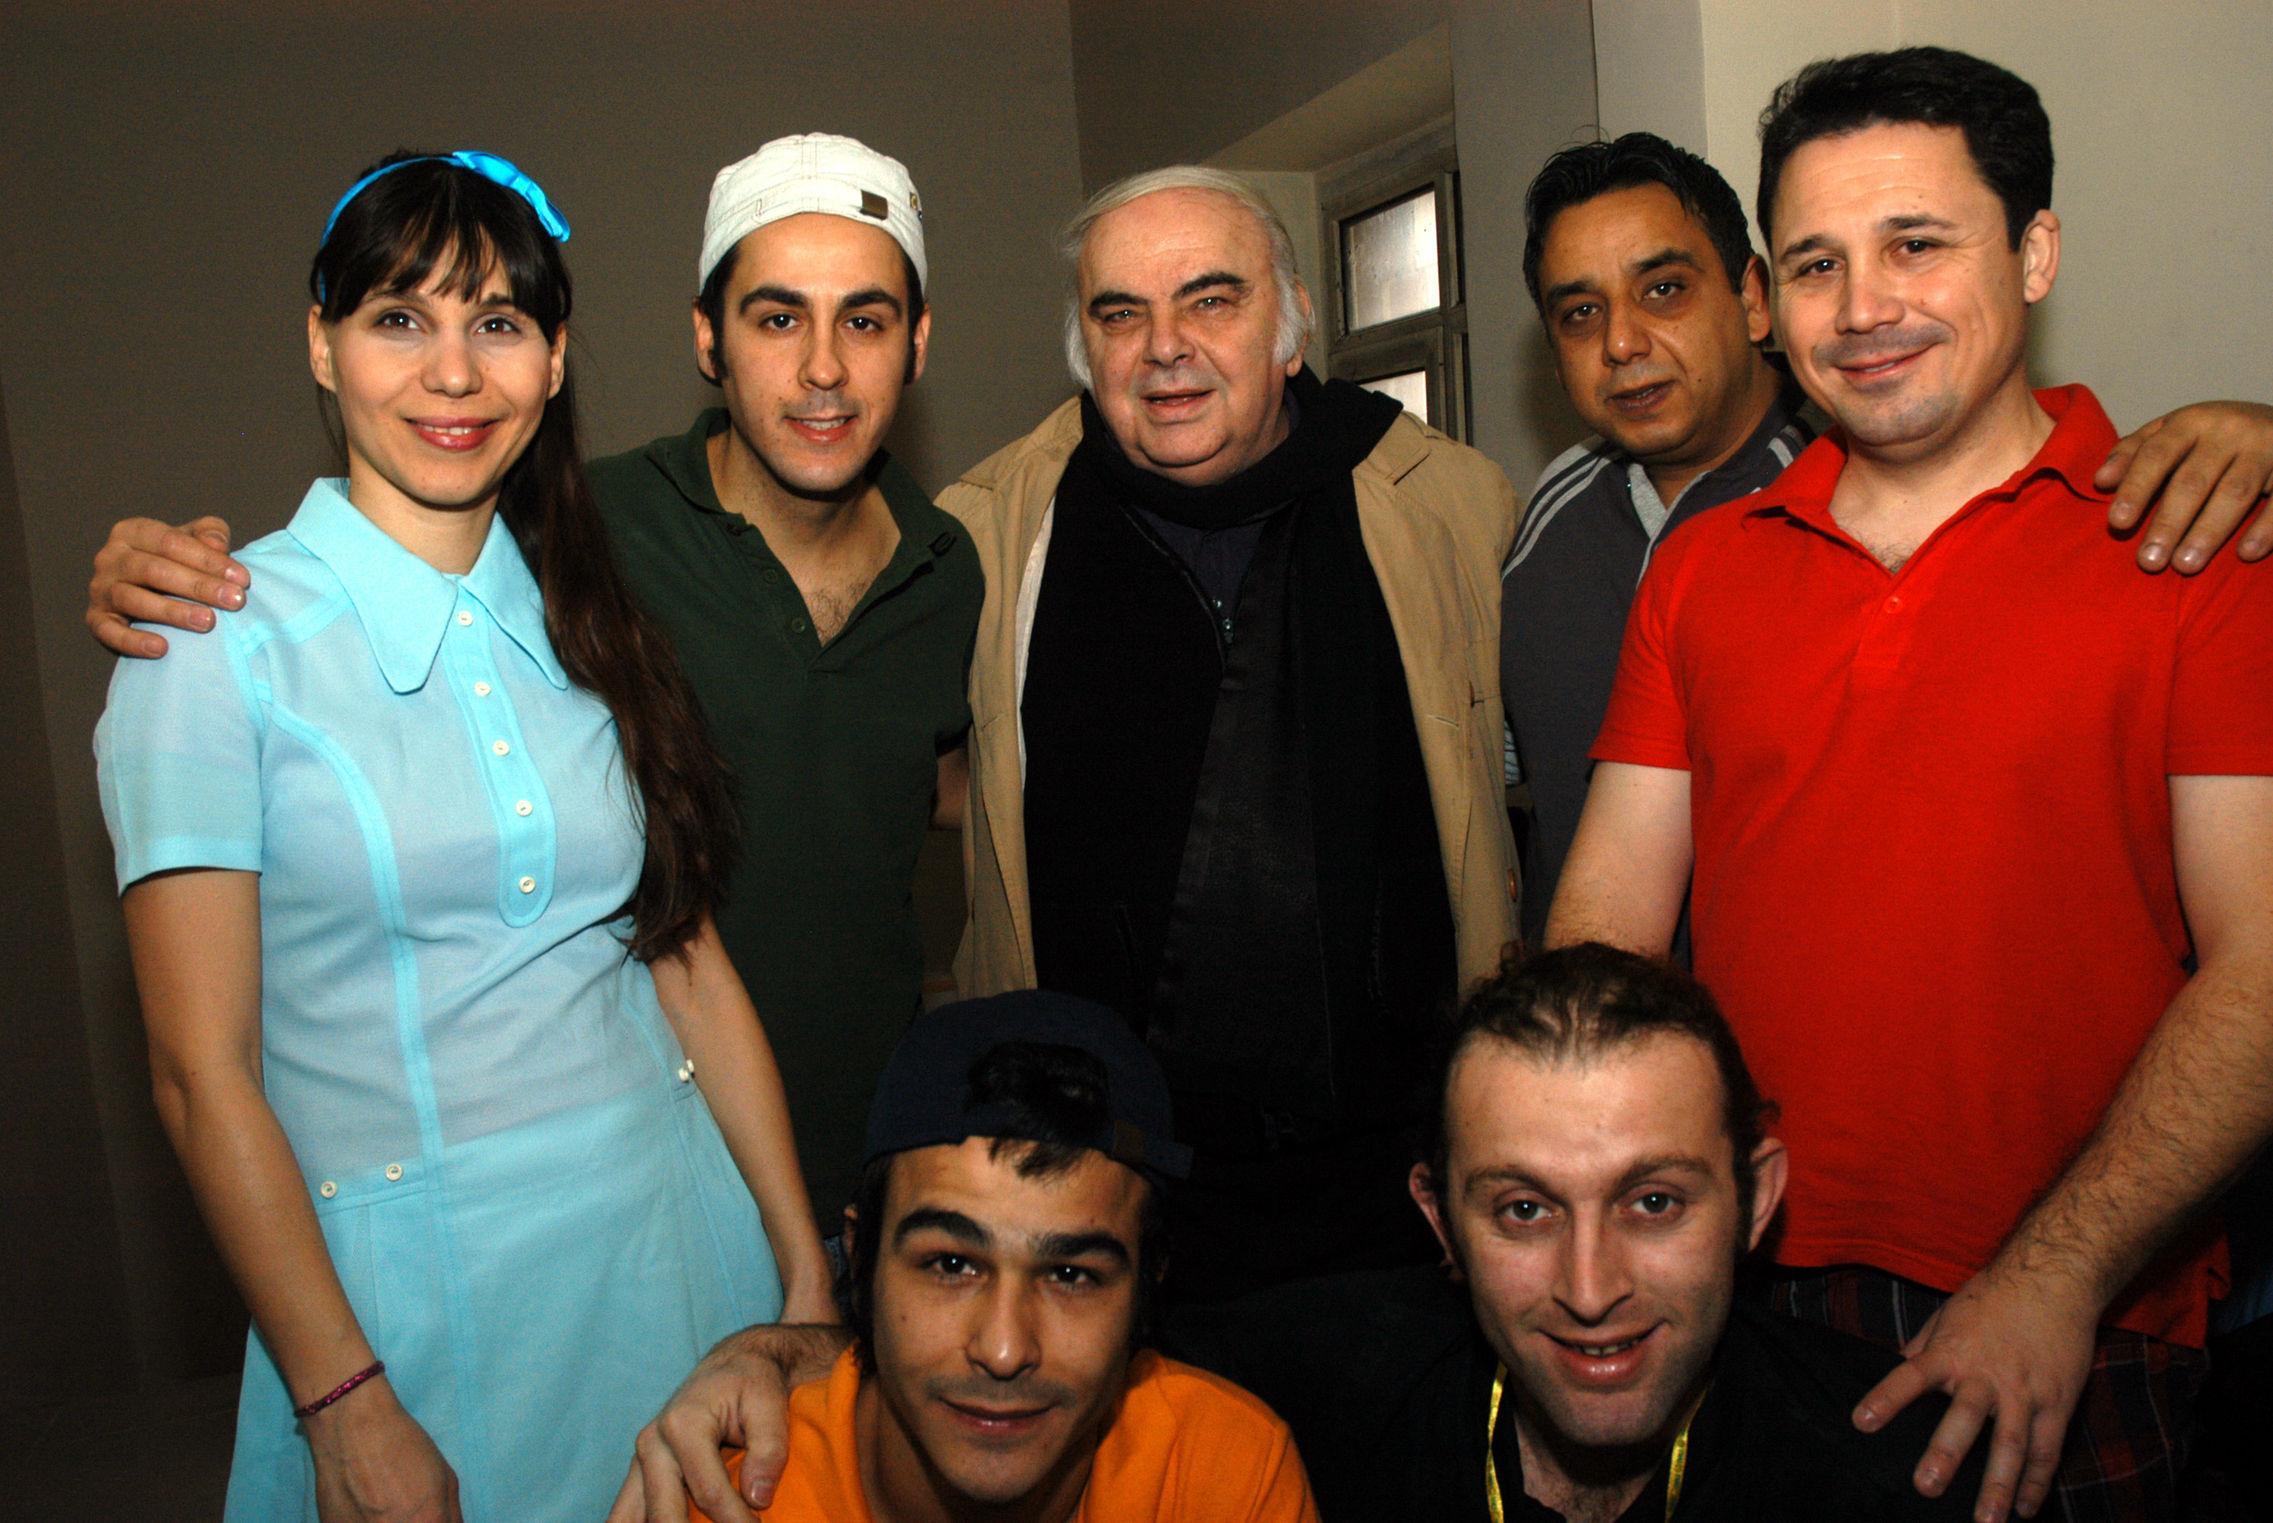 Enis Fosforoğlu, 2010'da dönemin Türkiye Futbol Federasyonu Başkanı Mahmut Özgener'in talebi doğrultusunda sahnelediği 'Futbol Sadece Bir Oyundur' ile ilköğretim çağındaki çocuklara taraftarlık bilincini aşılamaya çabaladı. Fosforoğlu, oyunda rol alan oyuncularla görülüyor.